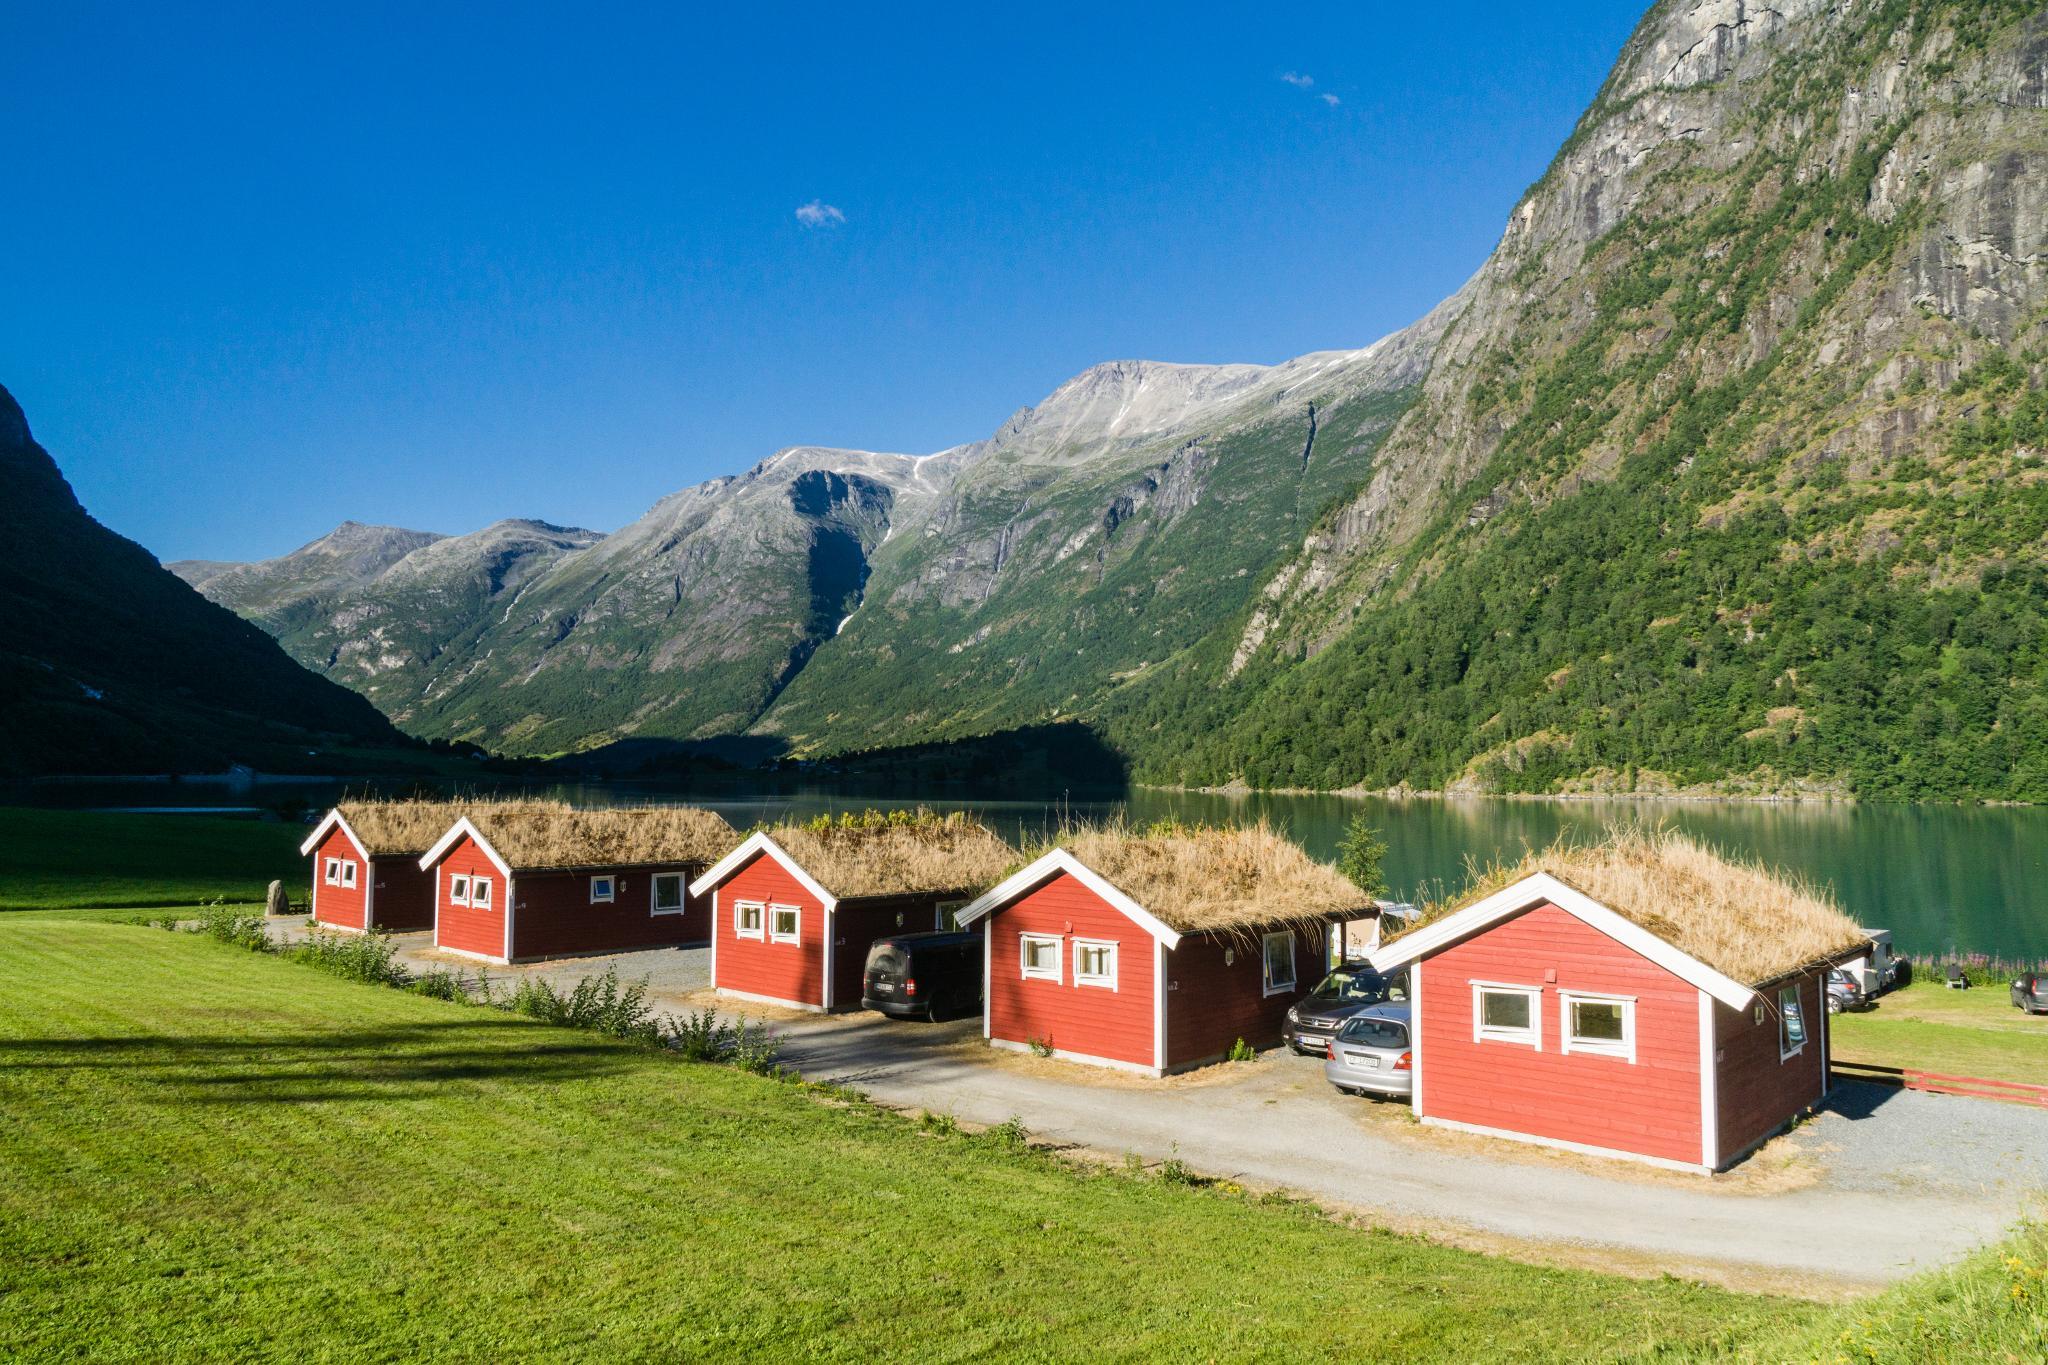 【北歐露營】擁抱Briksdal Glacier的怦然心動 - 在冰河最前緣露營的Gryta Camping 6